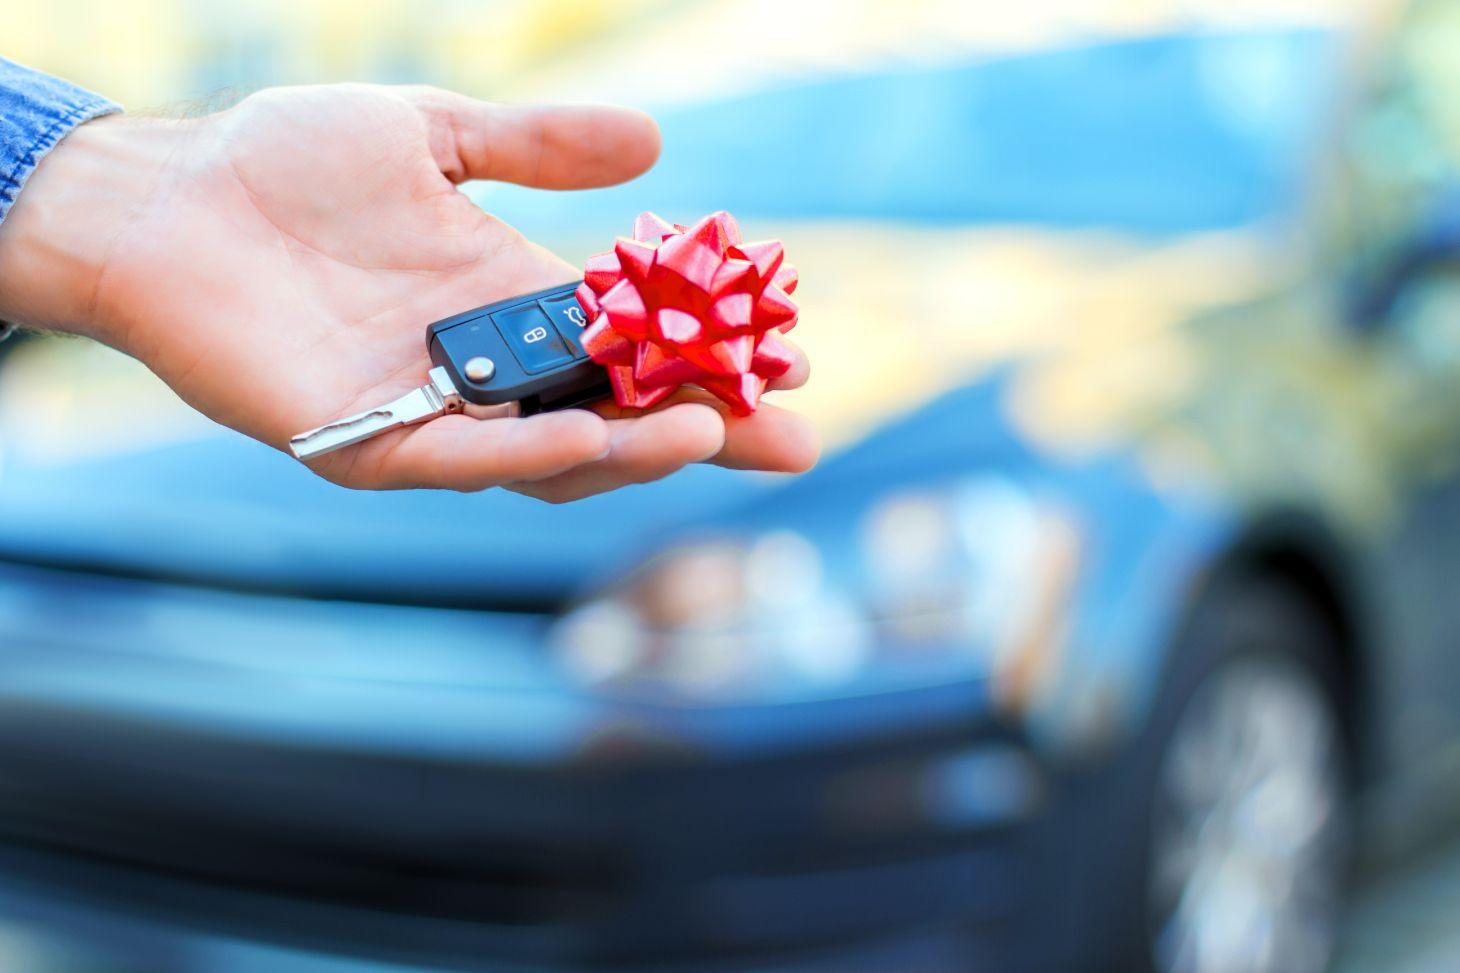 chave de carro tipo canivete com fita de presente vermelha e automovel desfocado no fundo